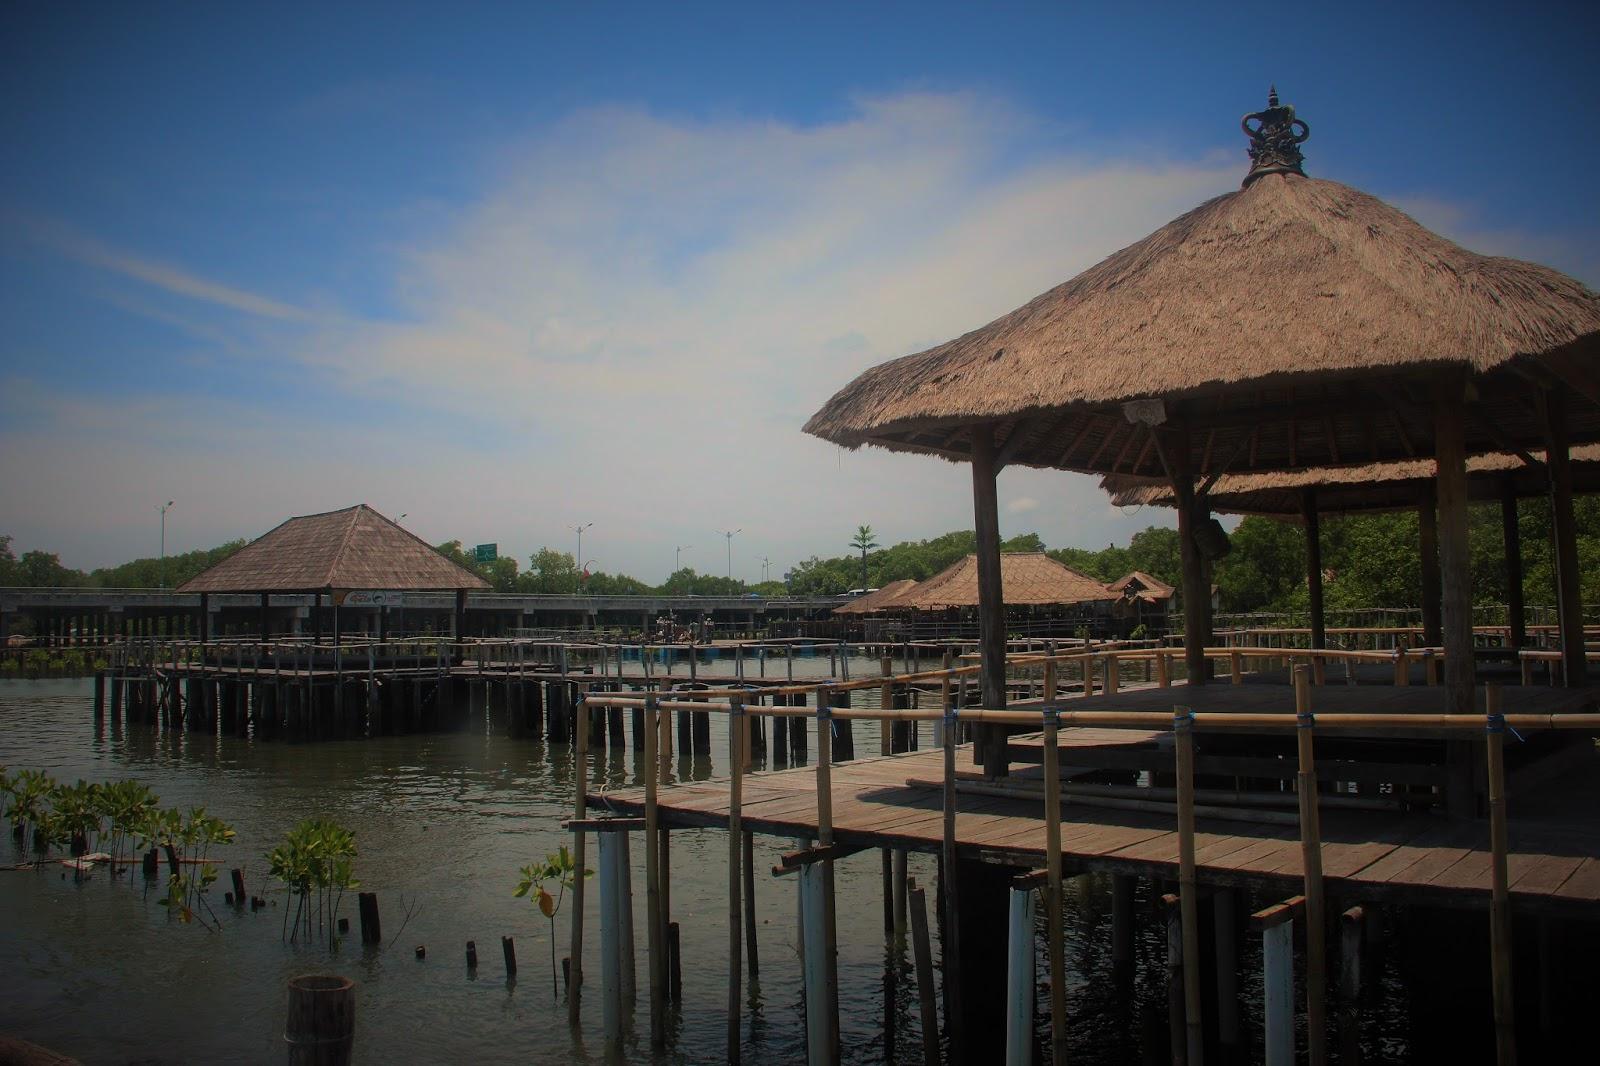 Ekowisata Bali